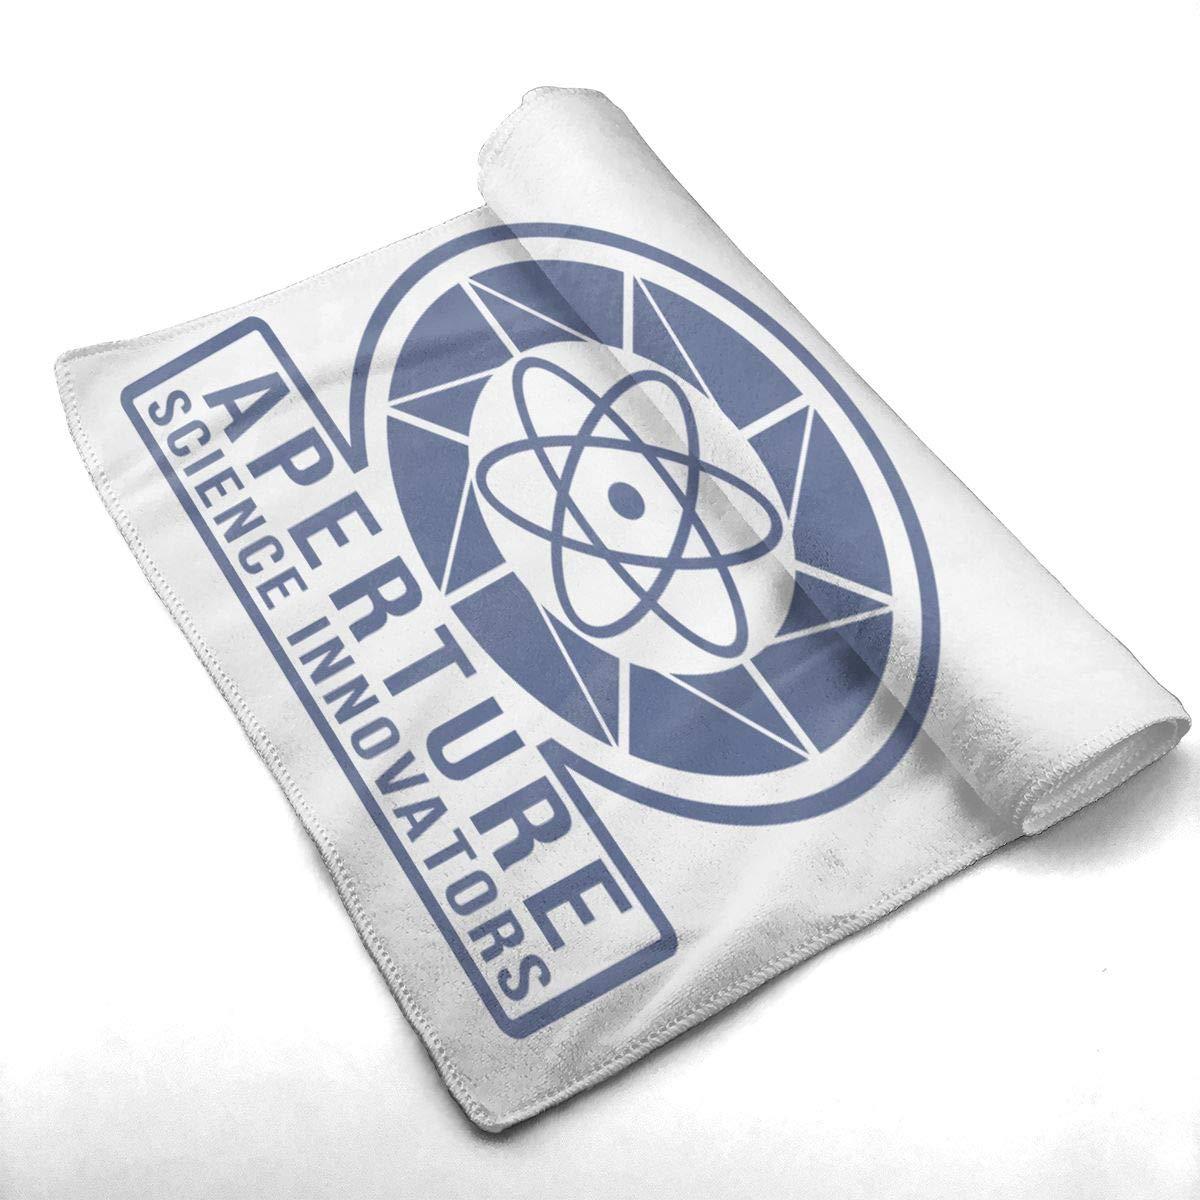 Universidad de Texas Longhorns 3 piezas Conjunto de baño toalla de baño con el logotipo bordado